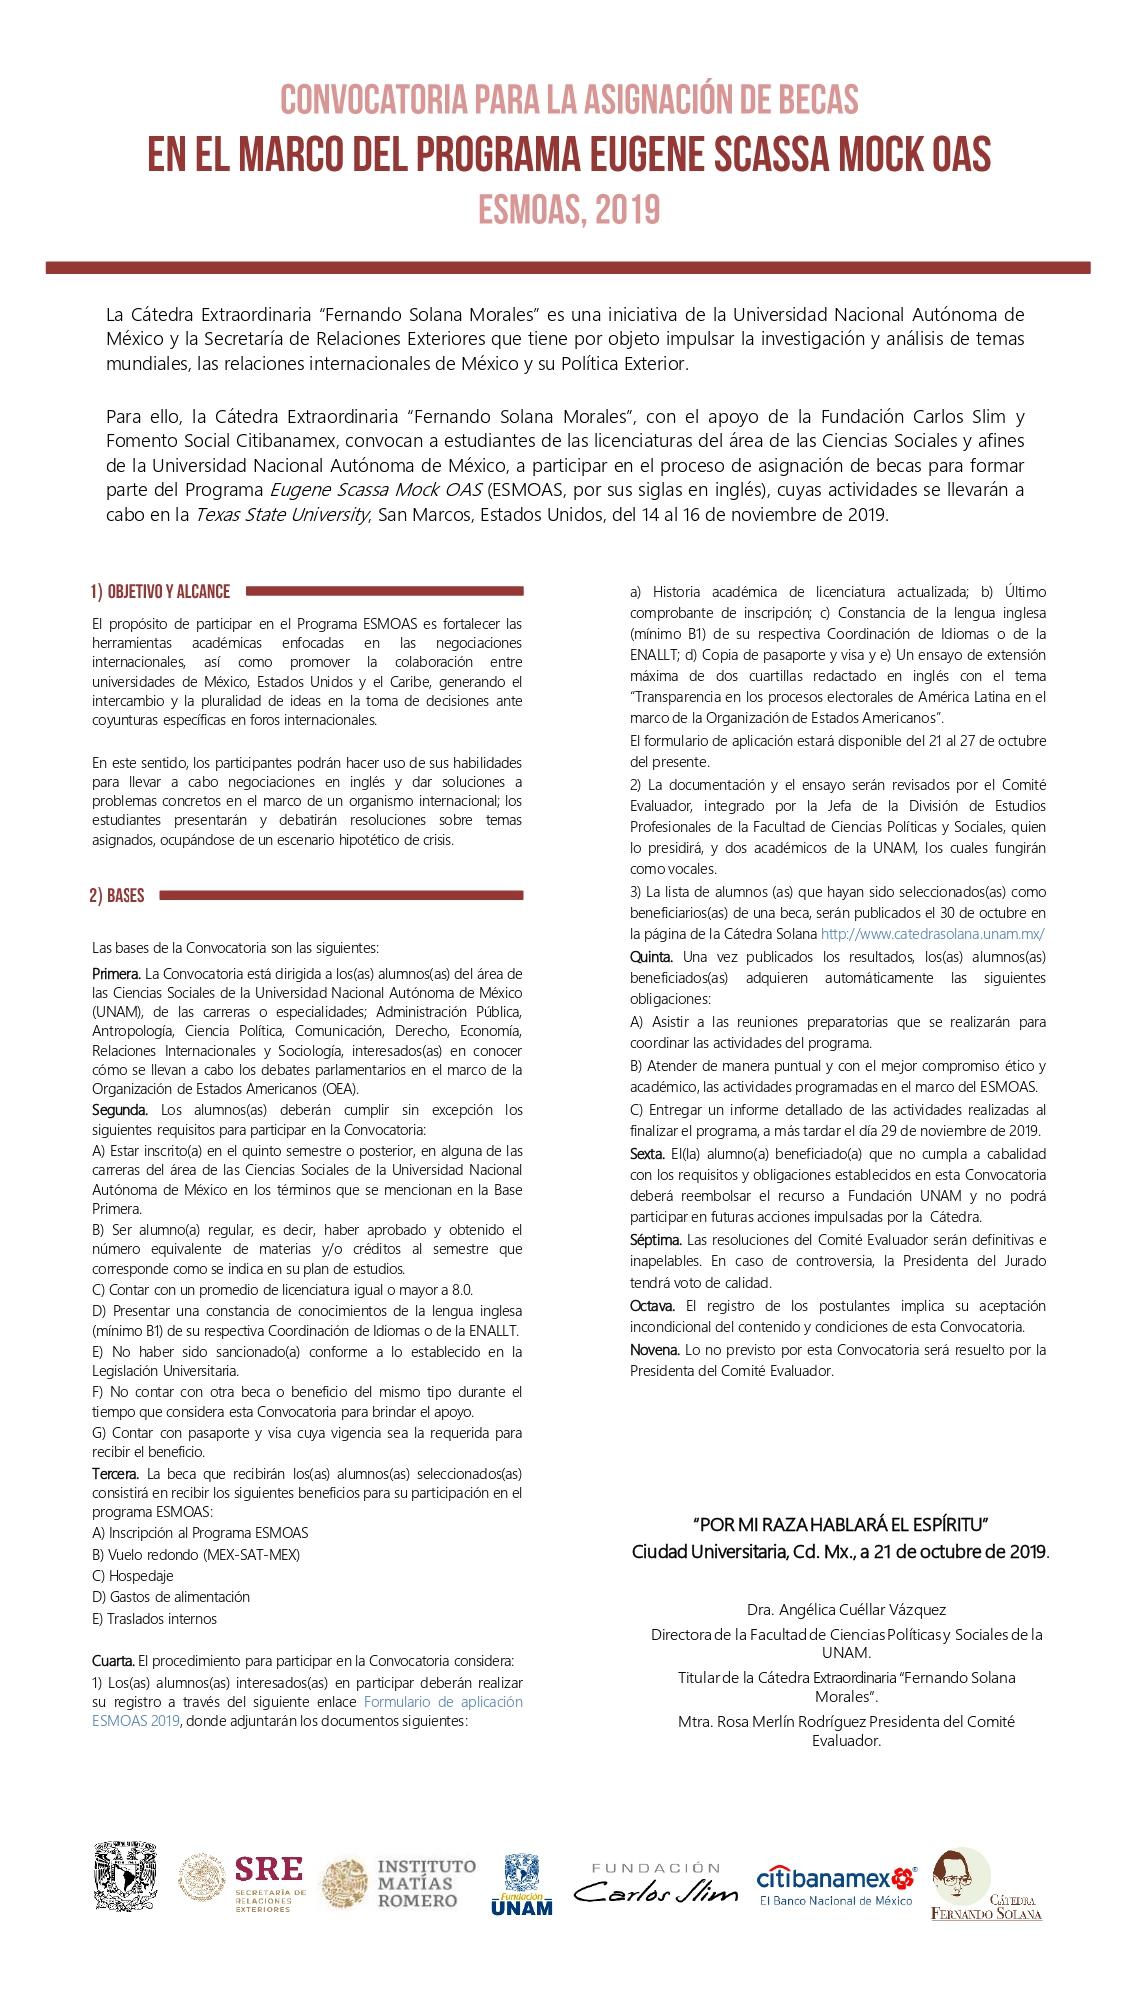 ESMOAS 2019 Convocatorias _page-0001